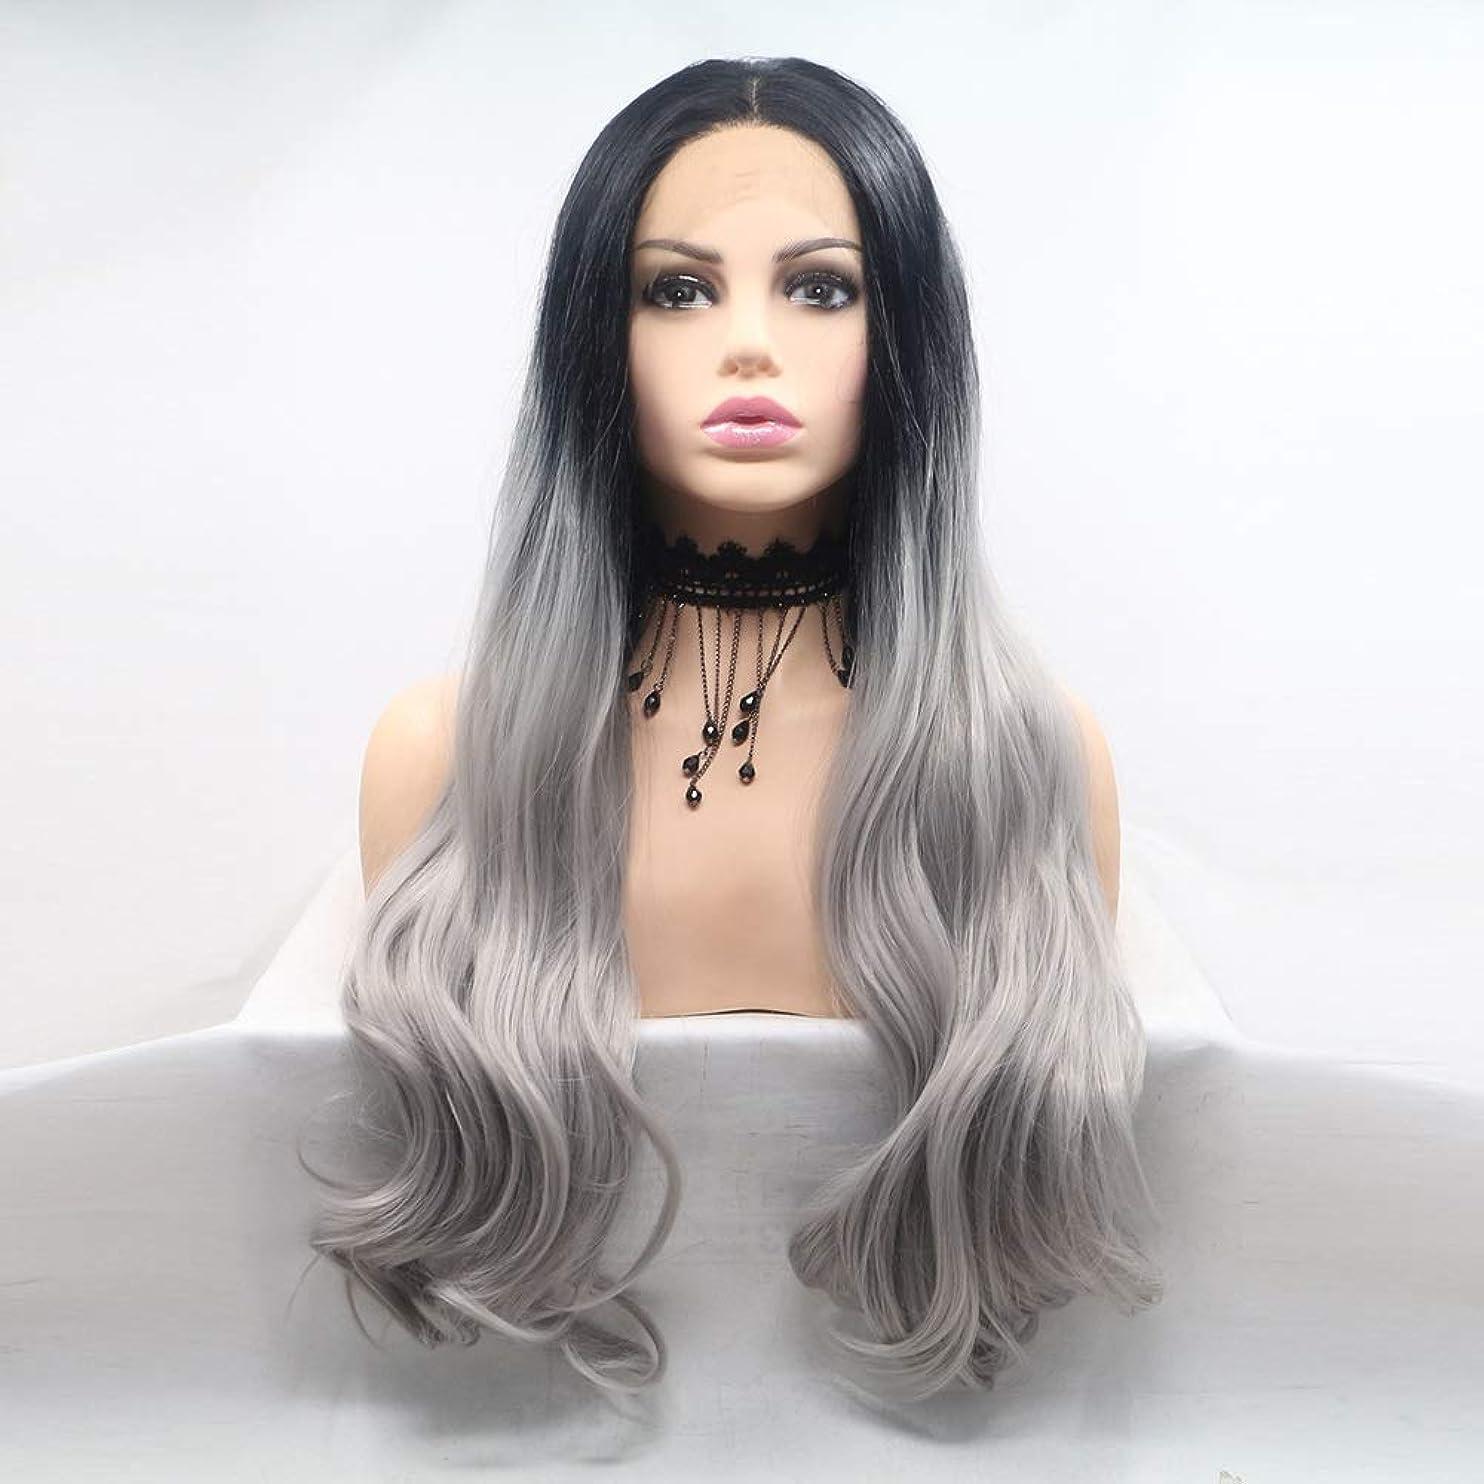 である逆血ZXF かつら女性手作りレースヨーロッパとアメリカのかつらはかつらの髪のセット - 黒 - リネングレー - 長い巻き毛のセット 美しい